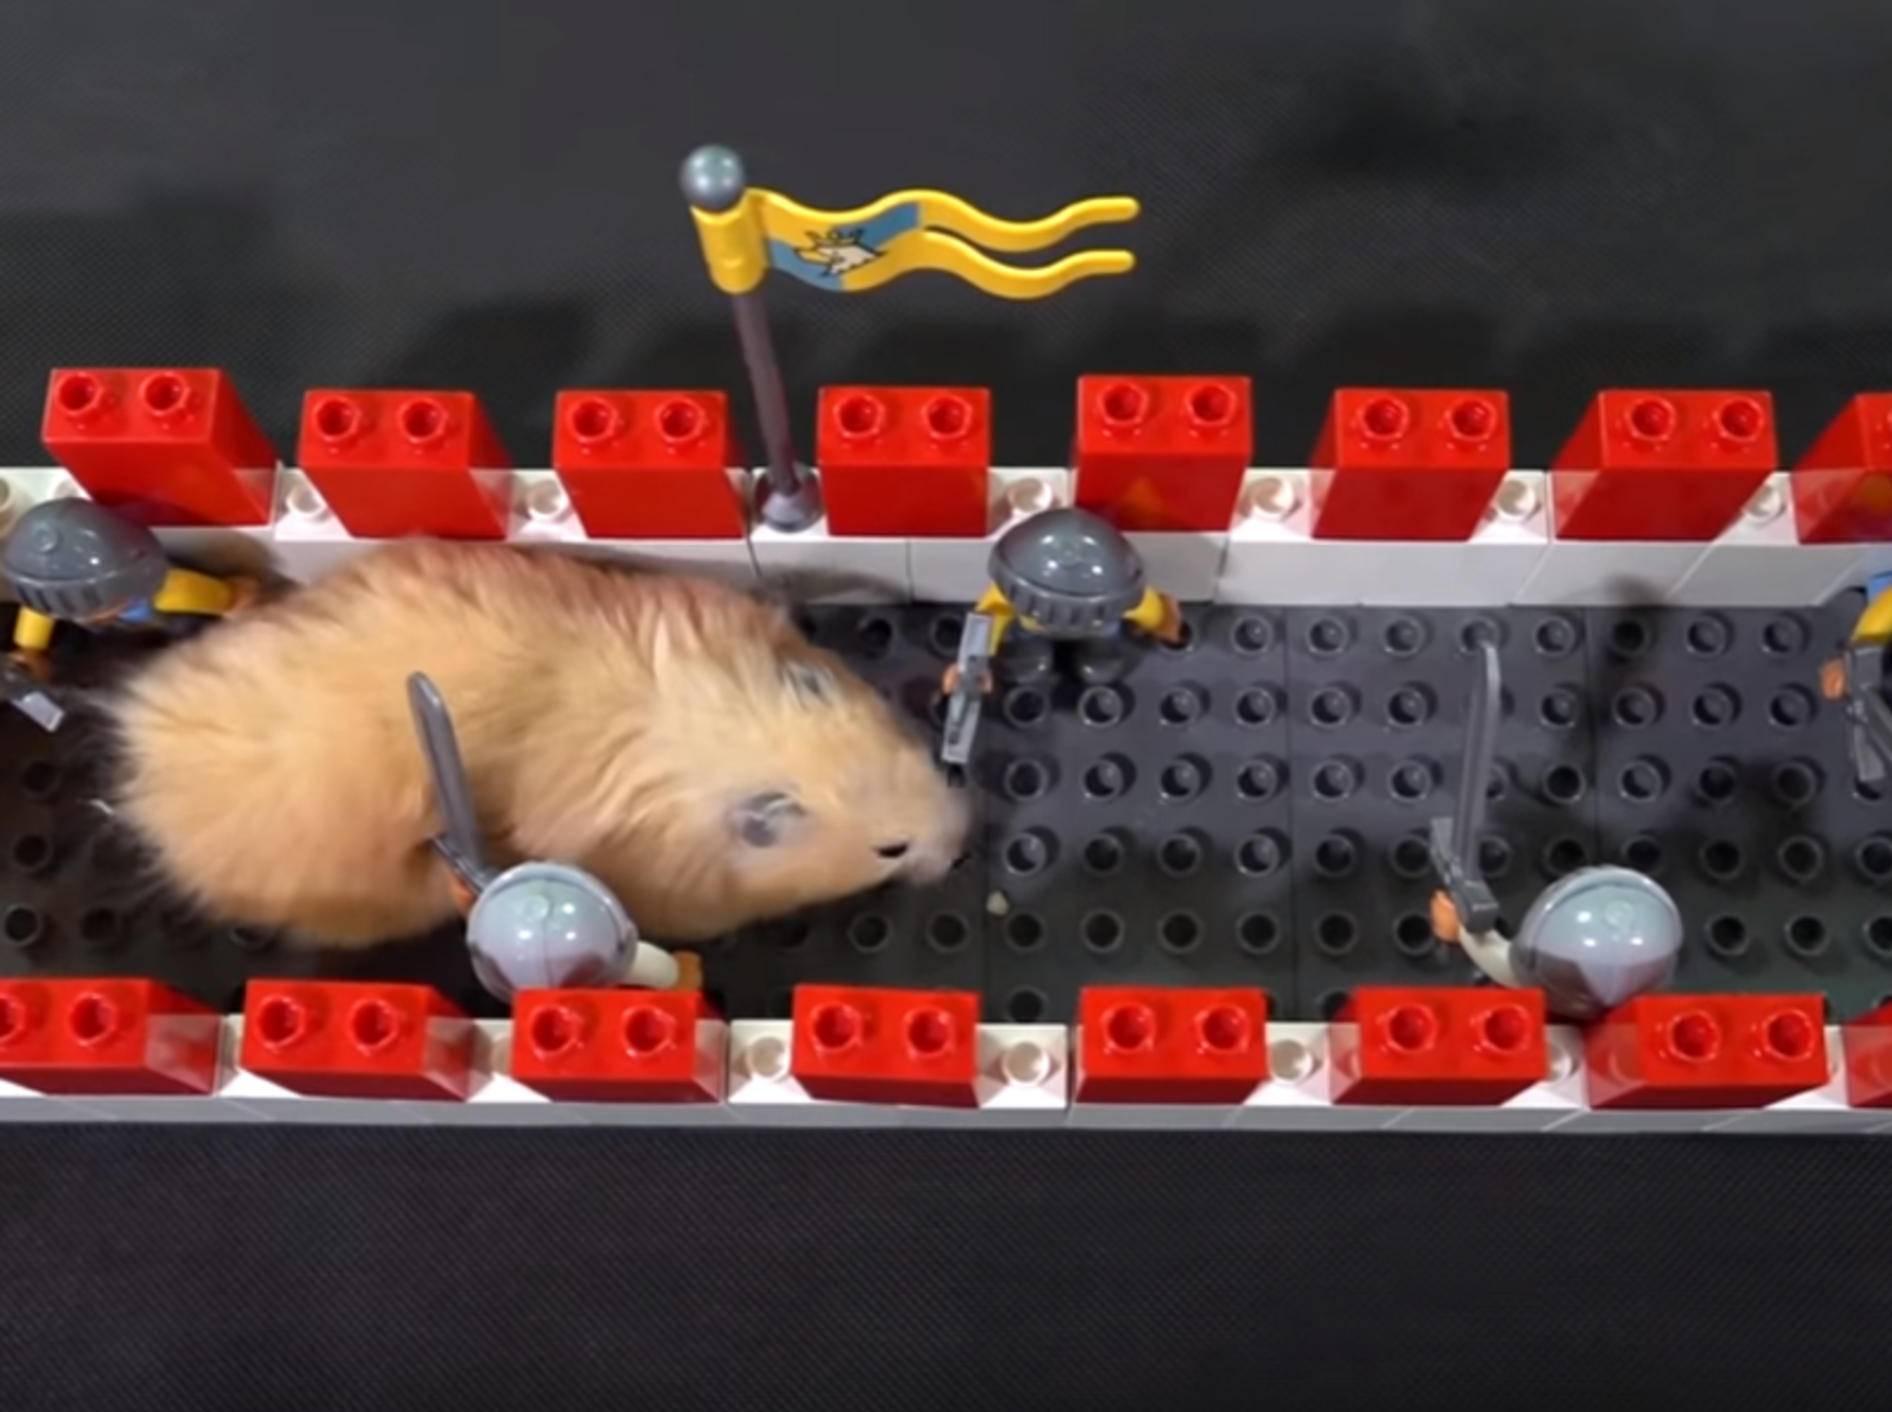 Dieser süße Hamster schlängelt sich zwischen Lego-Steine hindurch - Bild: YouTube / The Secret Life of my Hamster